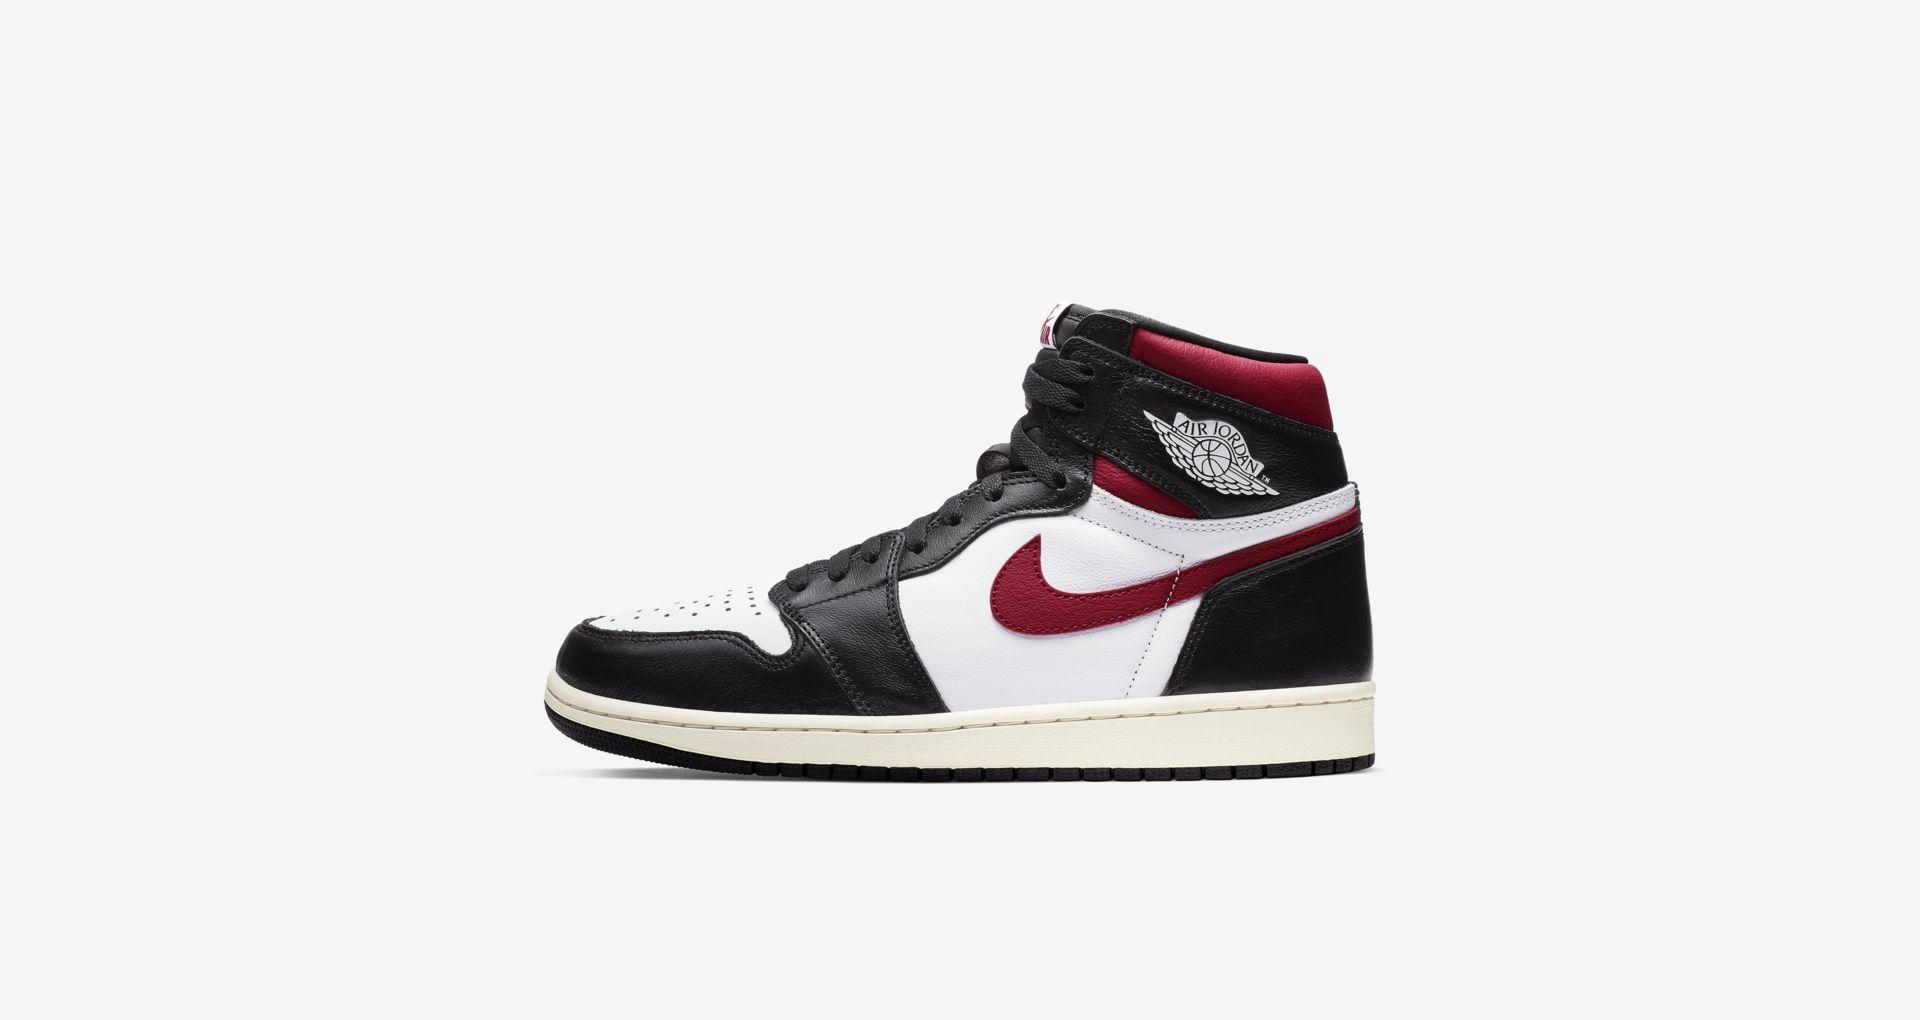 07-air-jordan-1-high-og-black-gym-red-555088-061